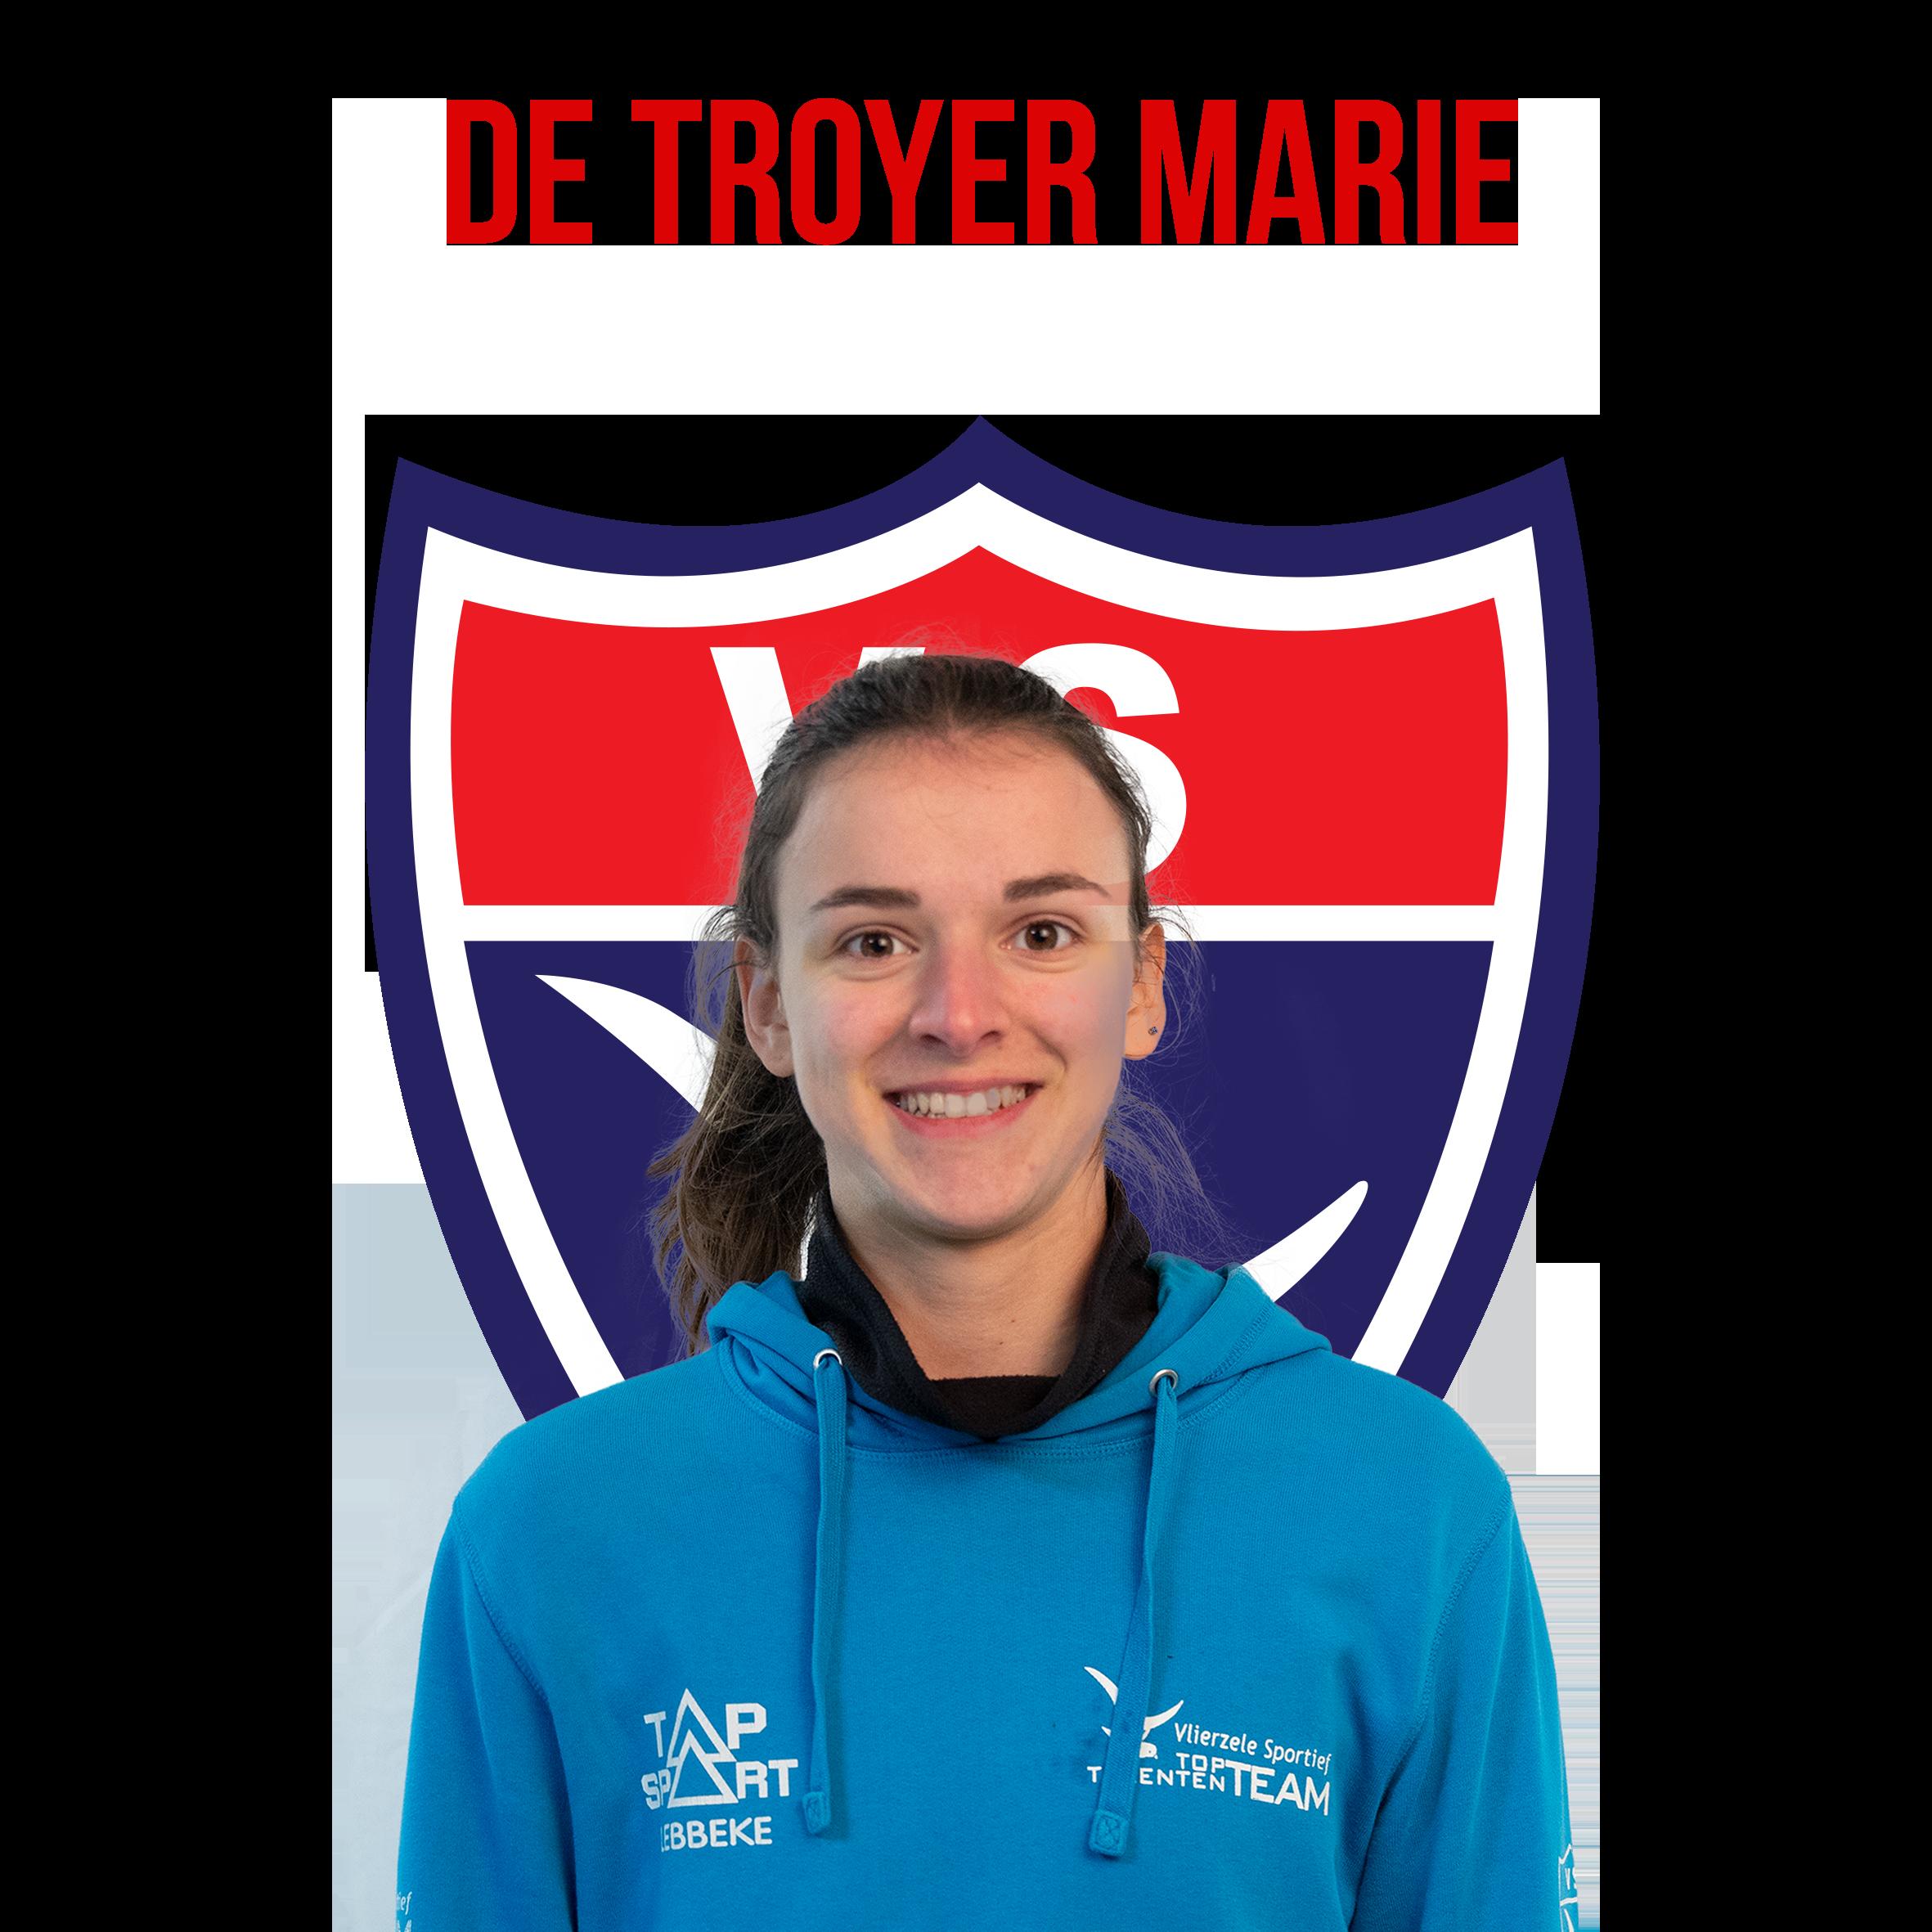 De_Troyer_Marie